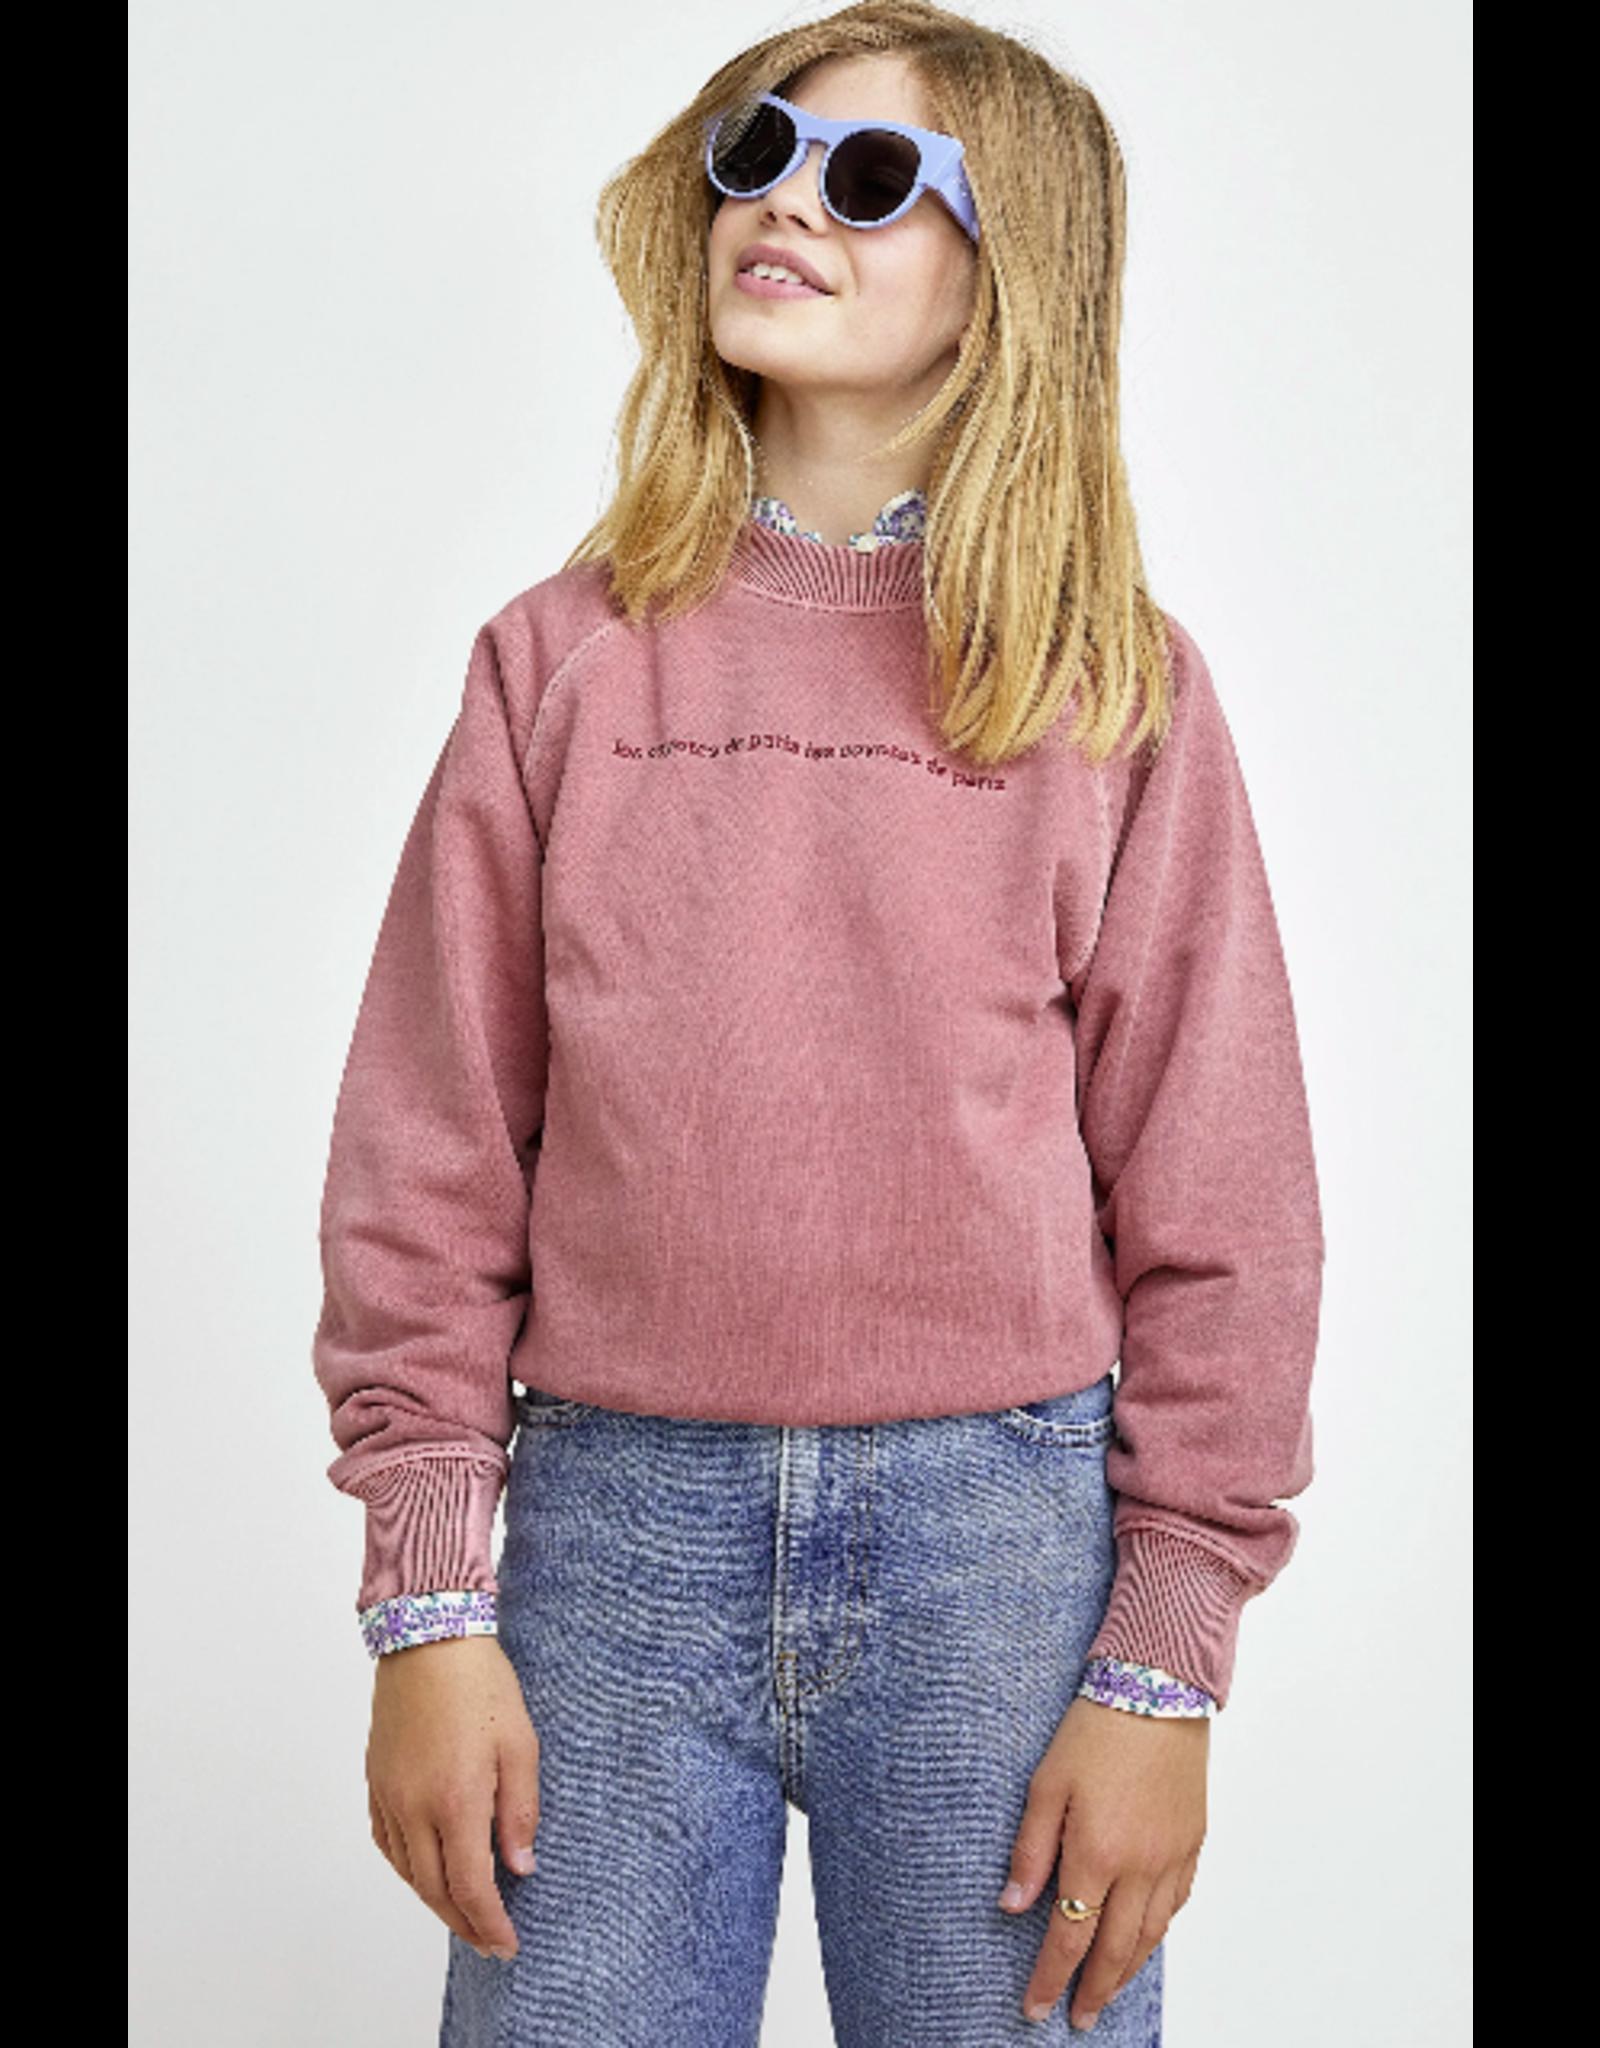 Les Coyotes de Paris LCDP SS21 Milou sweater vieux rose